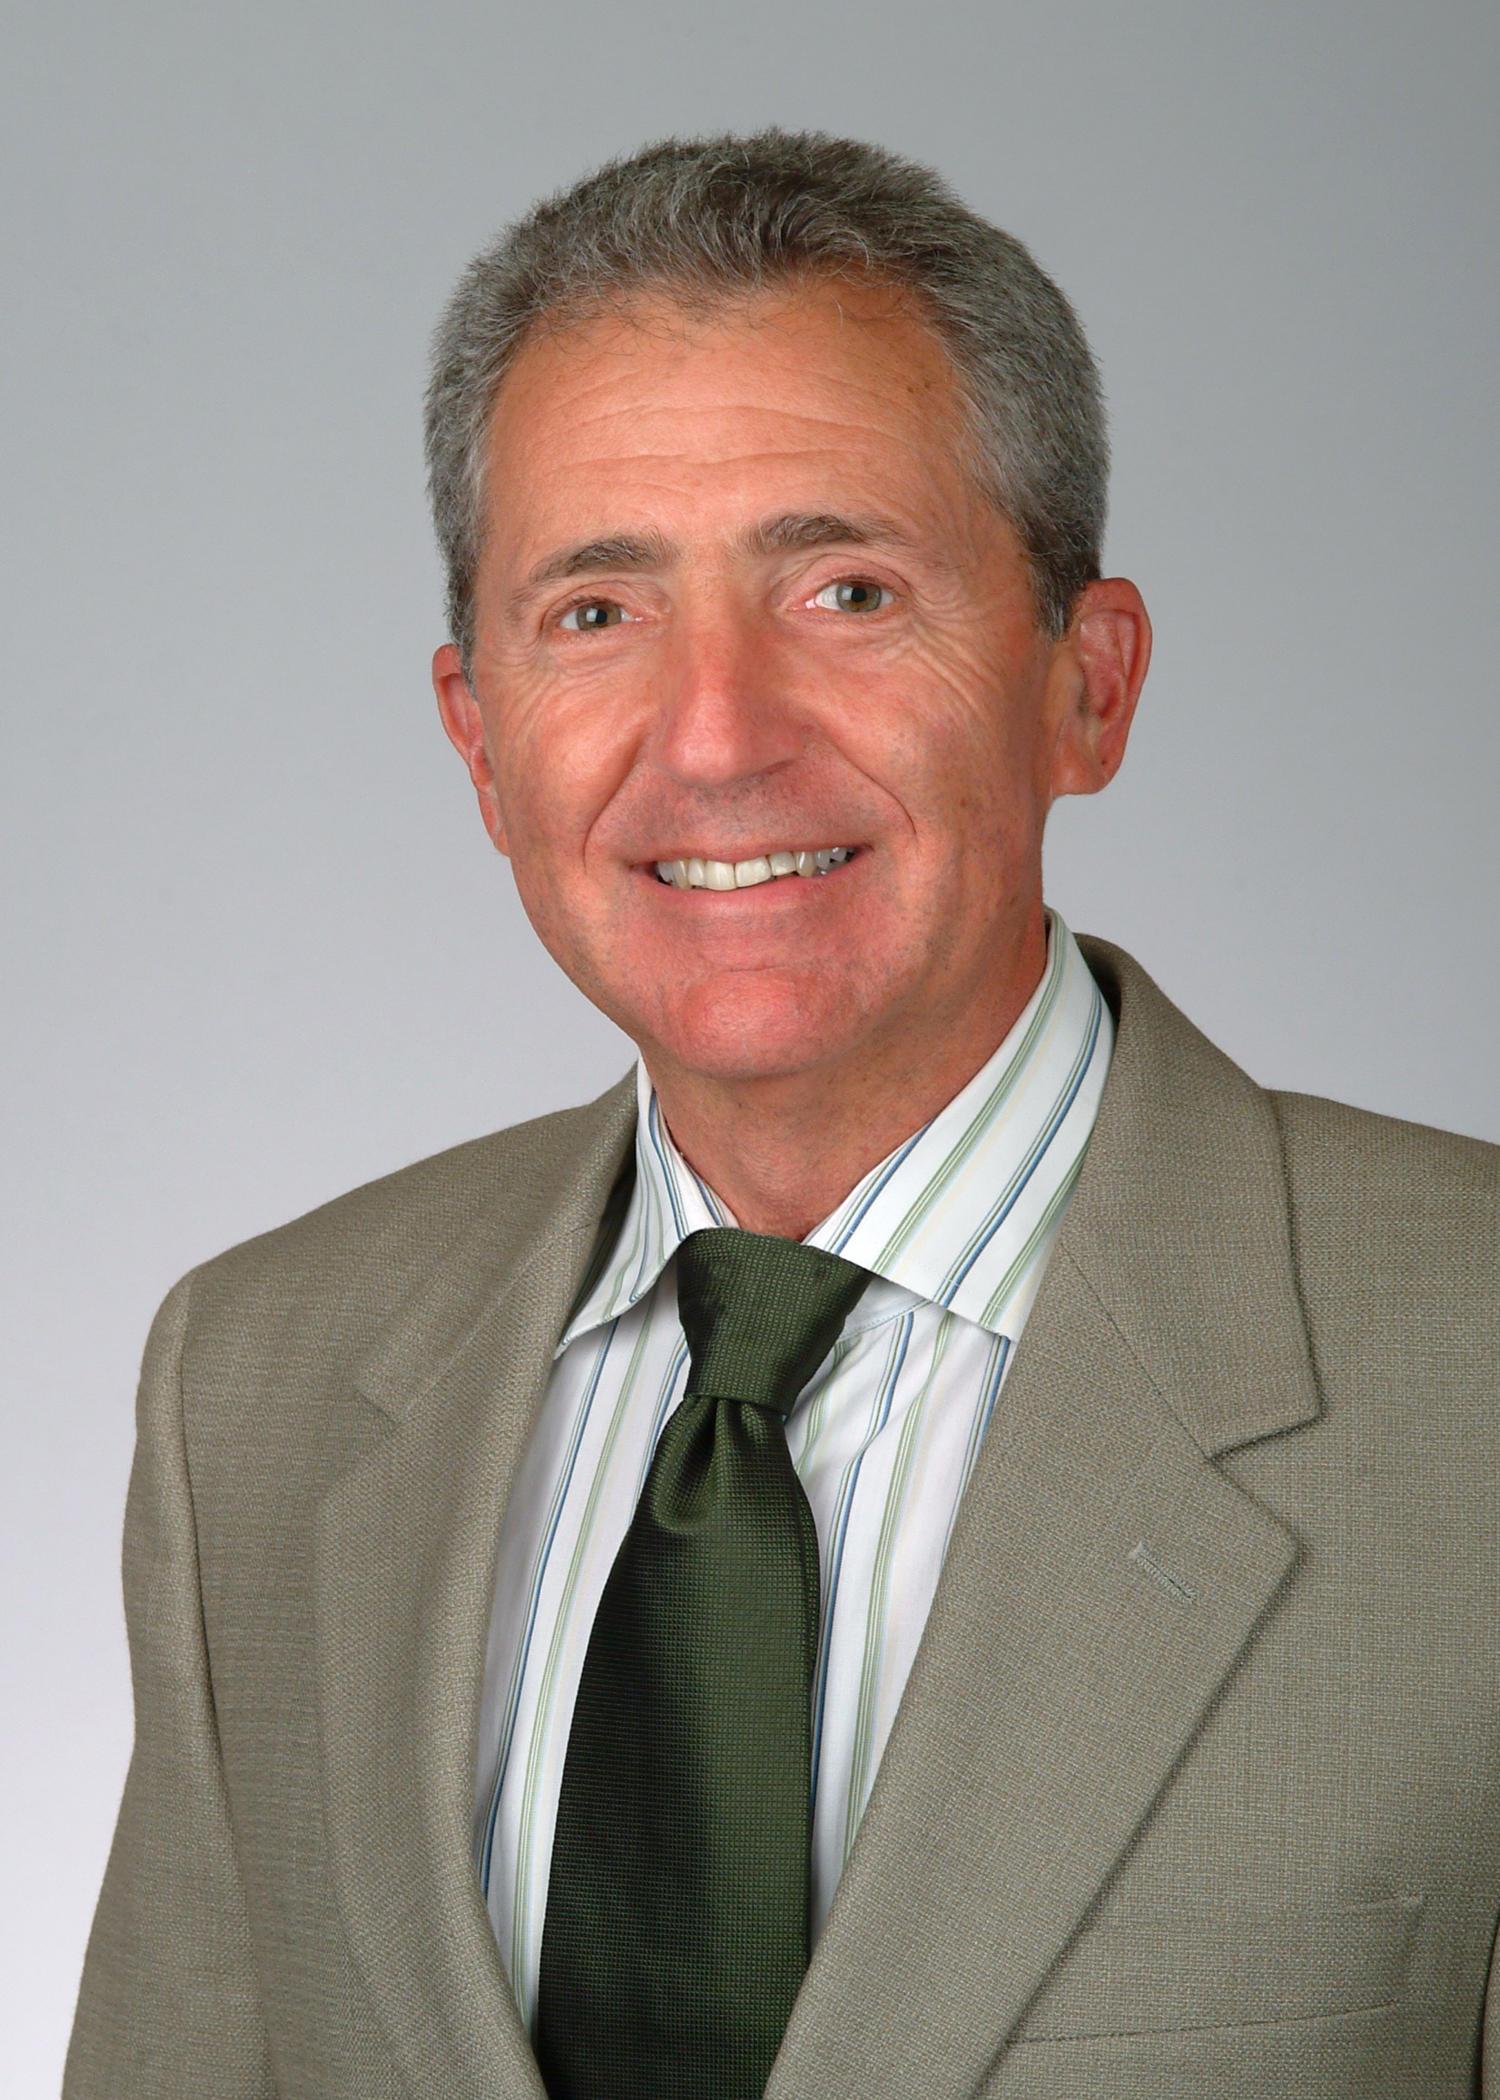 John S Walton MD